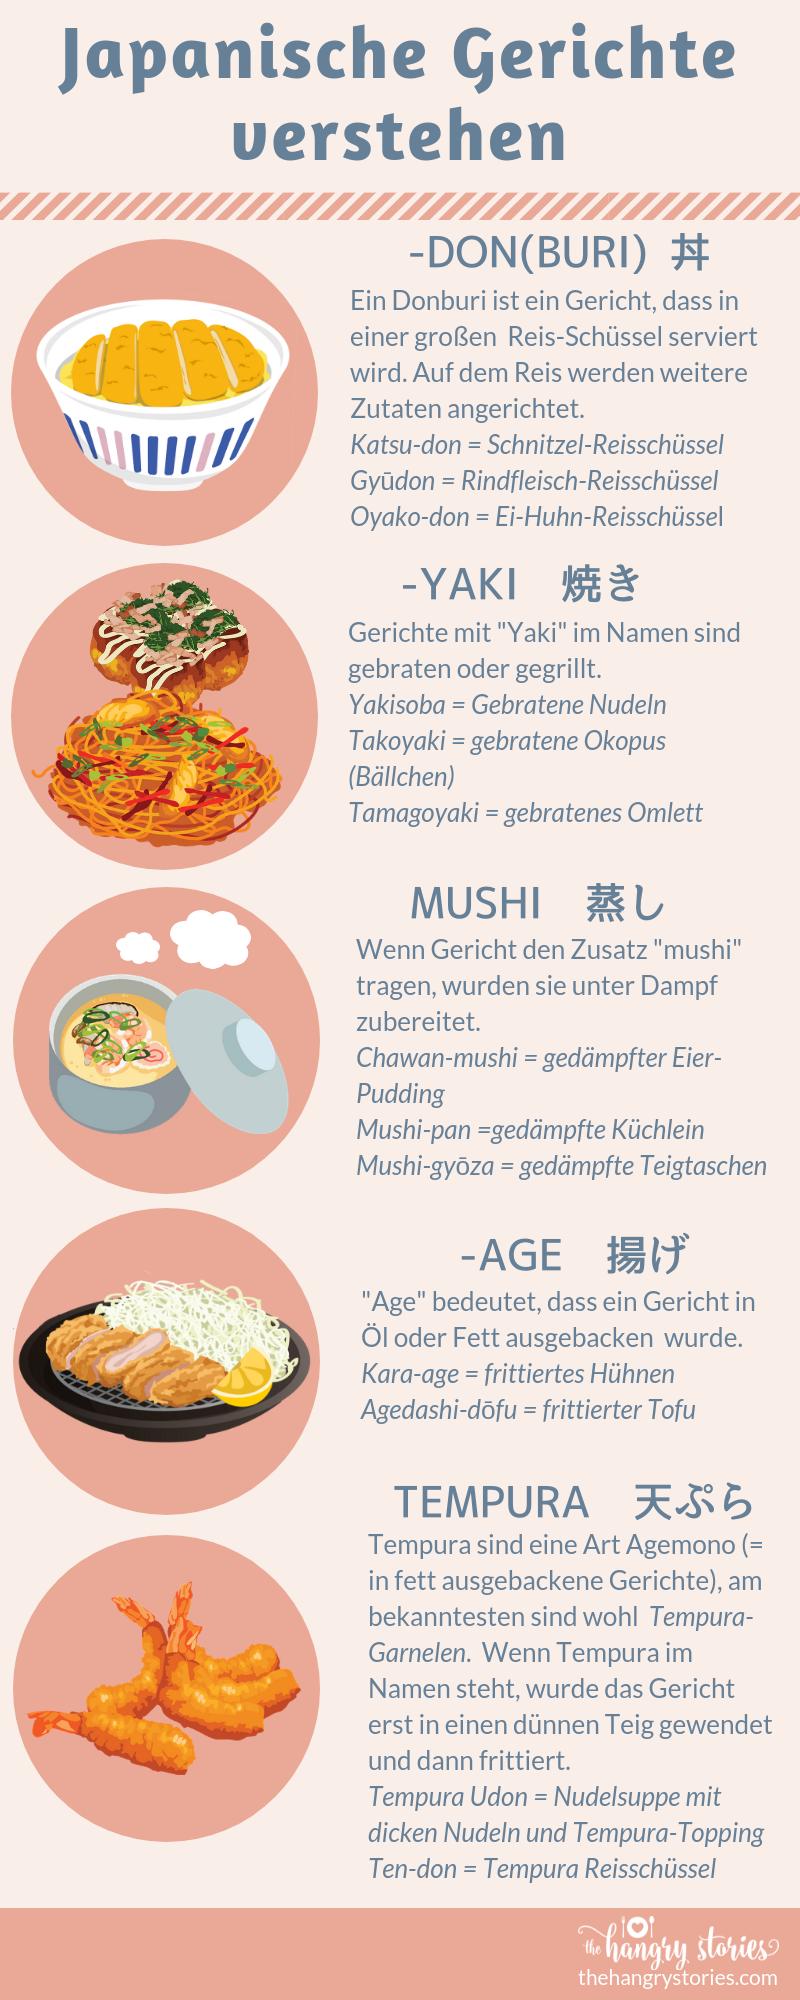 Infografik: Japanische Gerichte verstehen | Japanische ...